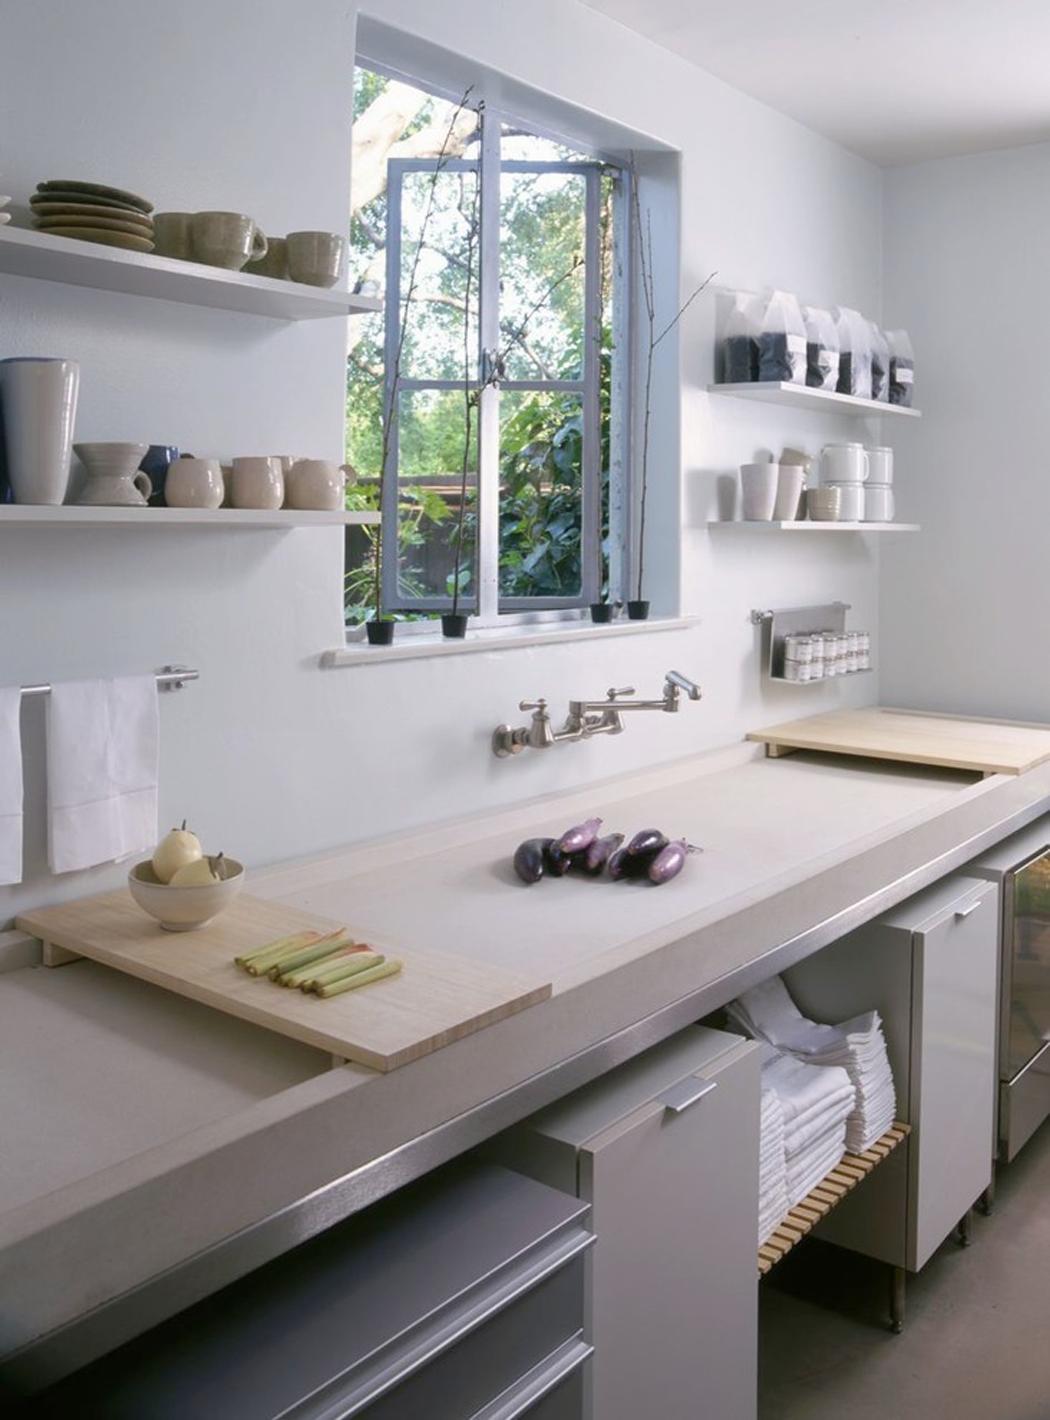 Cabane design zen et minimaliste los angeles vivons maison for Cuisine epuree design